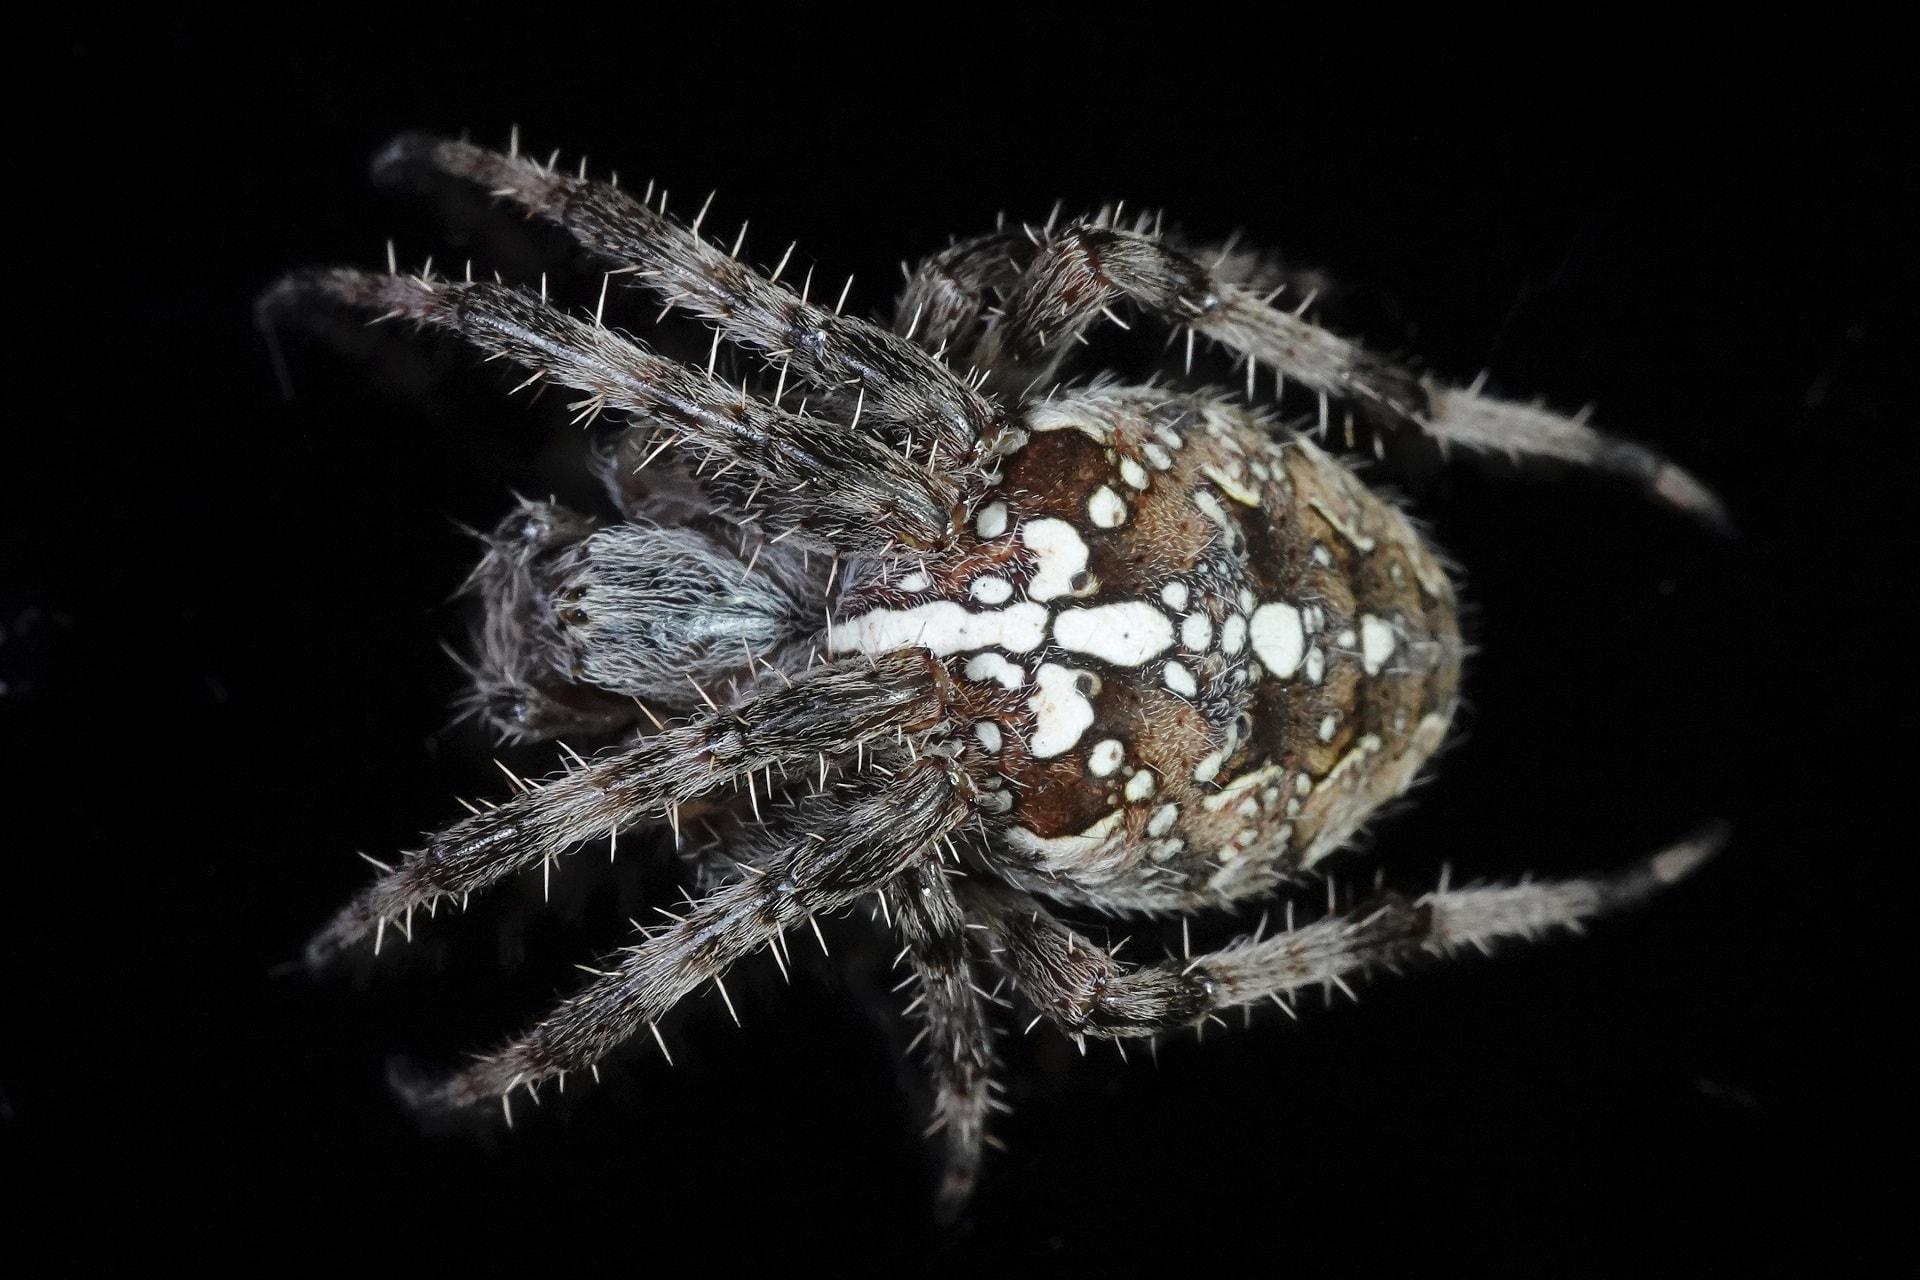 spider dream meaning, dream about spider, spider dream interpretation, seeing in a dream spider